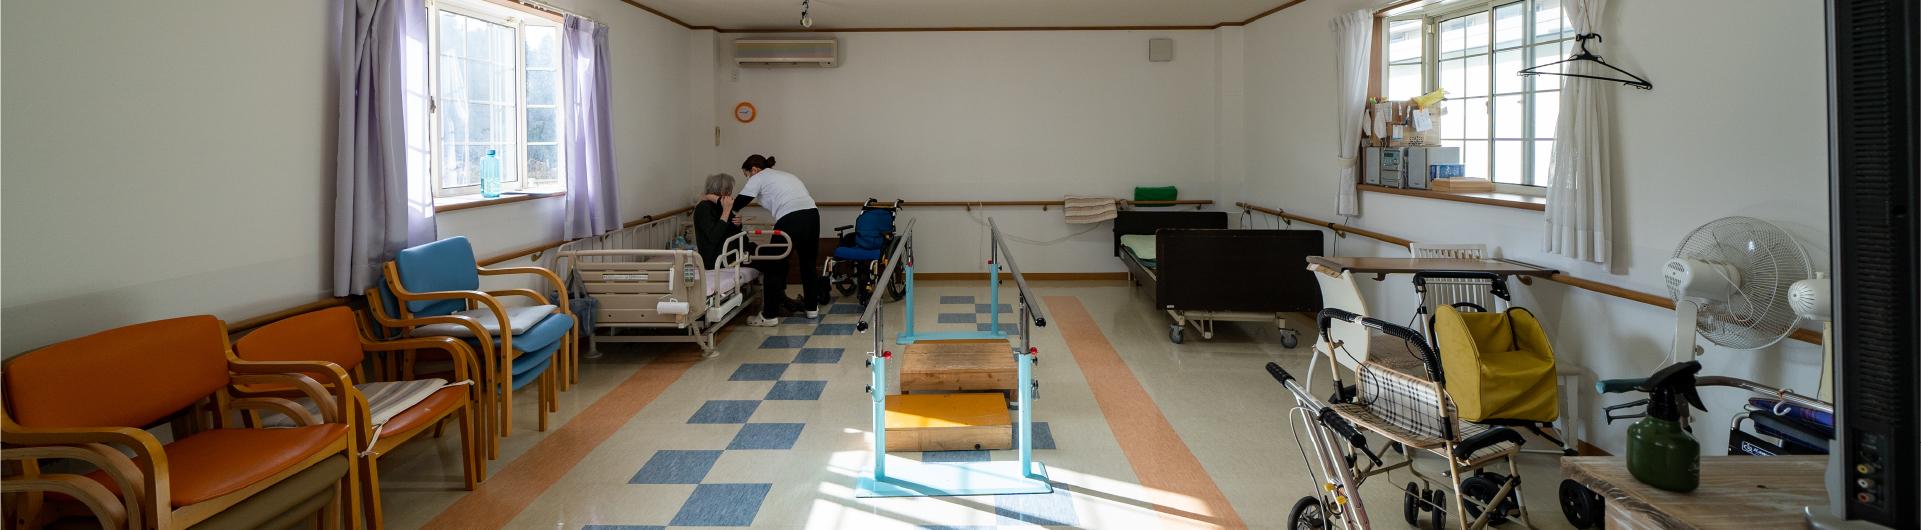 【さと和 デイサービスセンター 鈴鹿】お問い合わせありがとうございます。